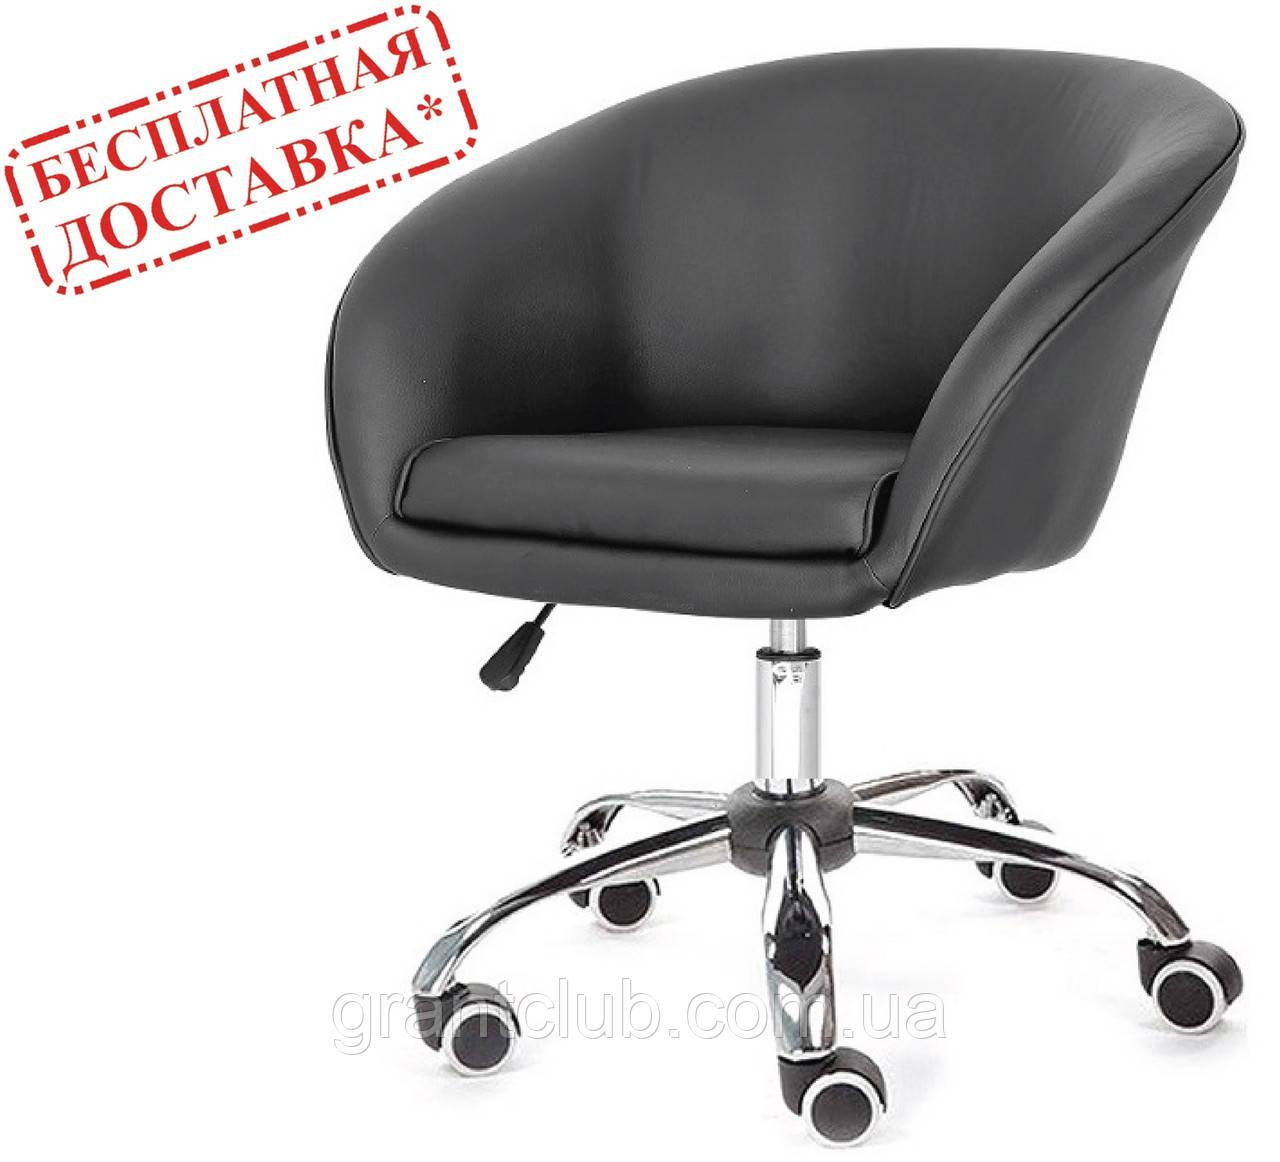 Кресло Мурат К черная экокожа на колесах СДМ группа (бесплатная доставка)